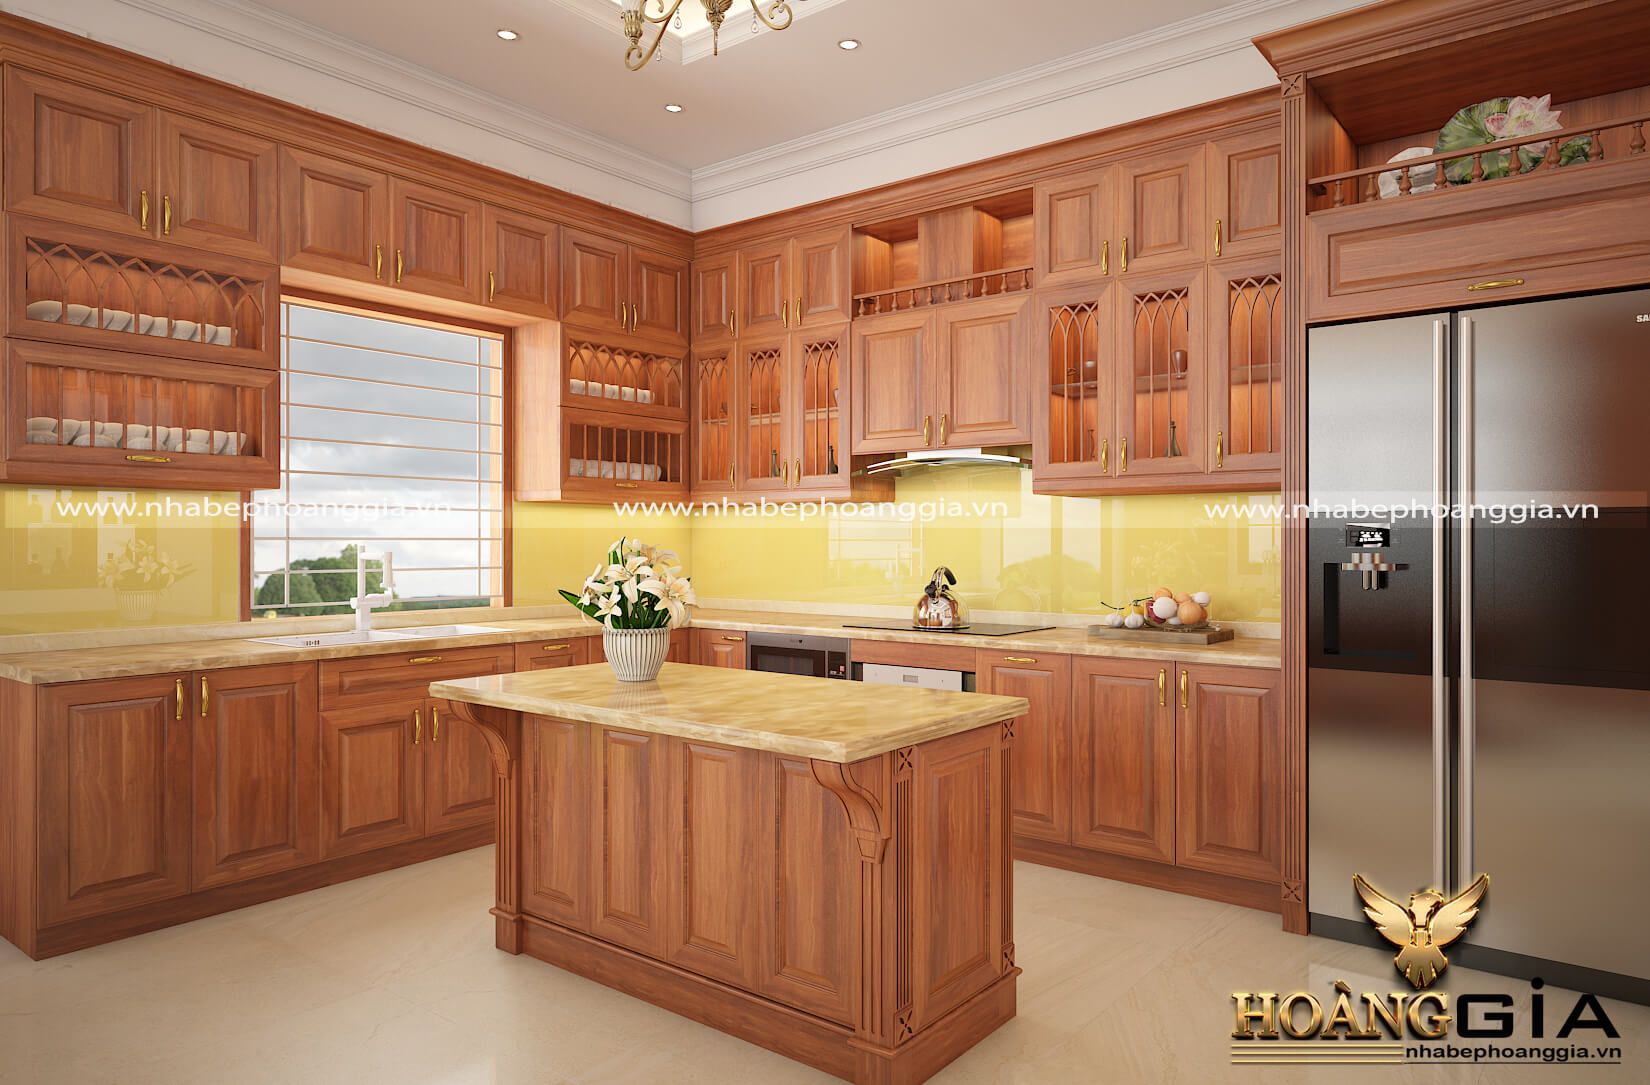 nên sử dụng tủ bếp gỗ hay tủ bếp nhôm